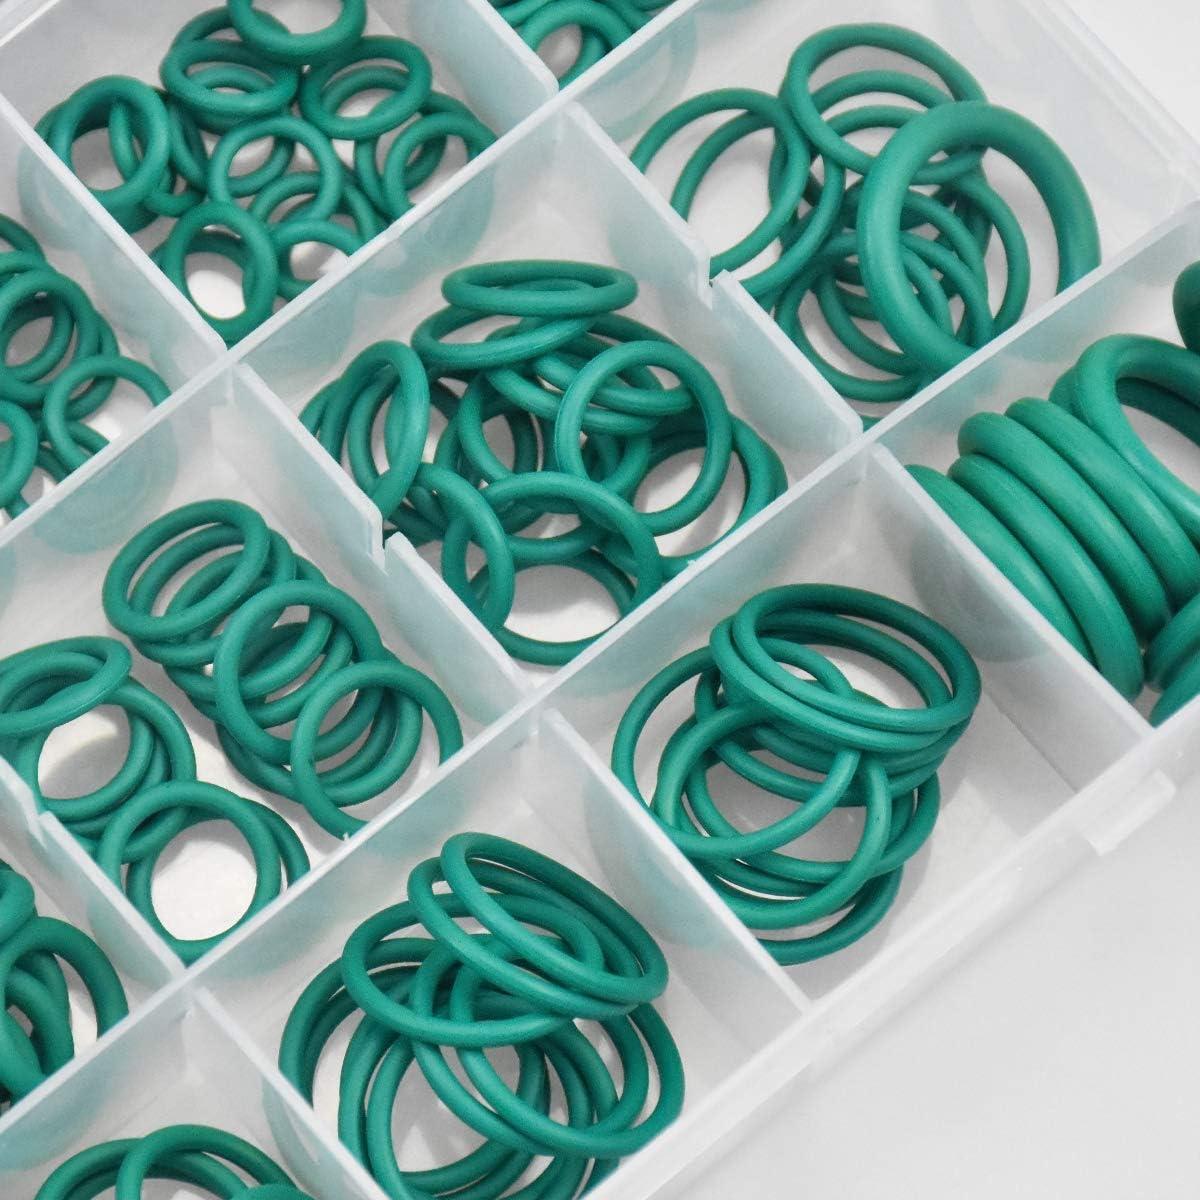 Gomma nitrile Guarnizione O-Ring Kit Guarnizioni Set Gomma Idraulico Sanitari Guarnizioni Guarnizione Assortimento Kit Rondelle di tenuta Kissral 270 Pezzi O-Ring Assortimento Kit